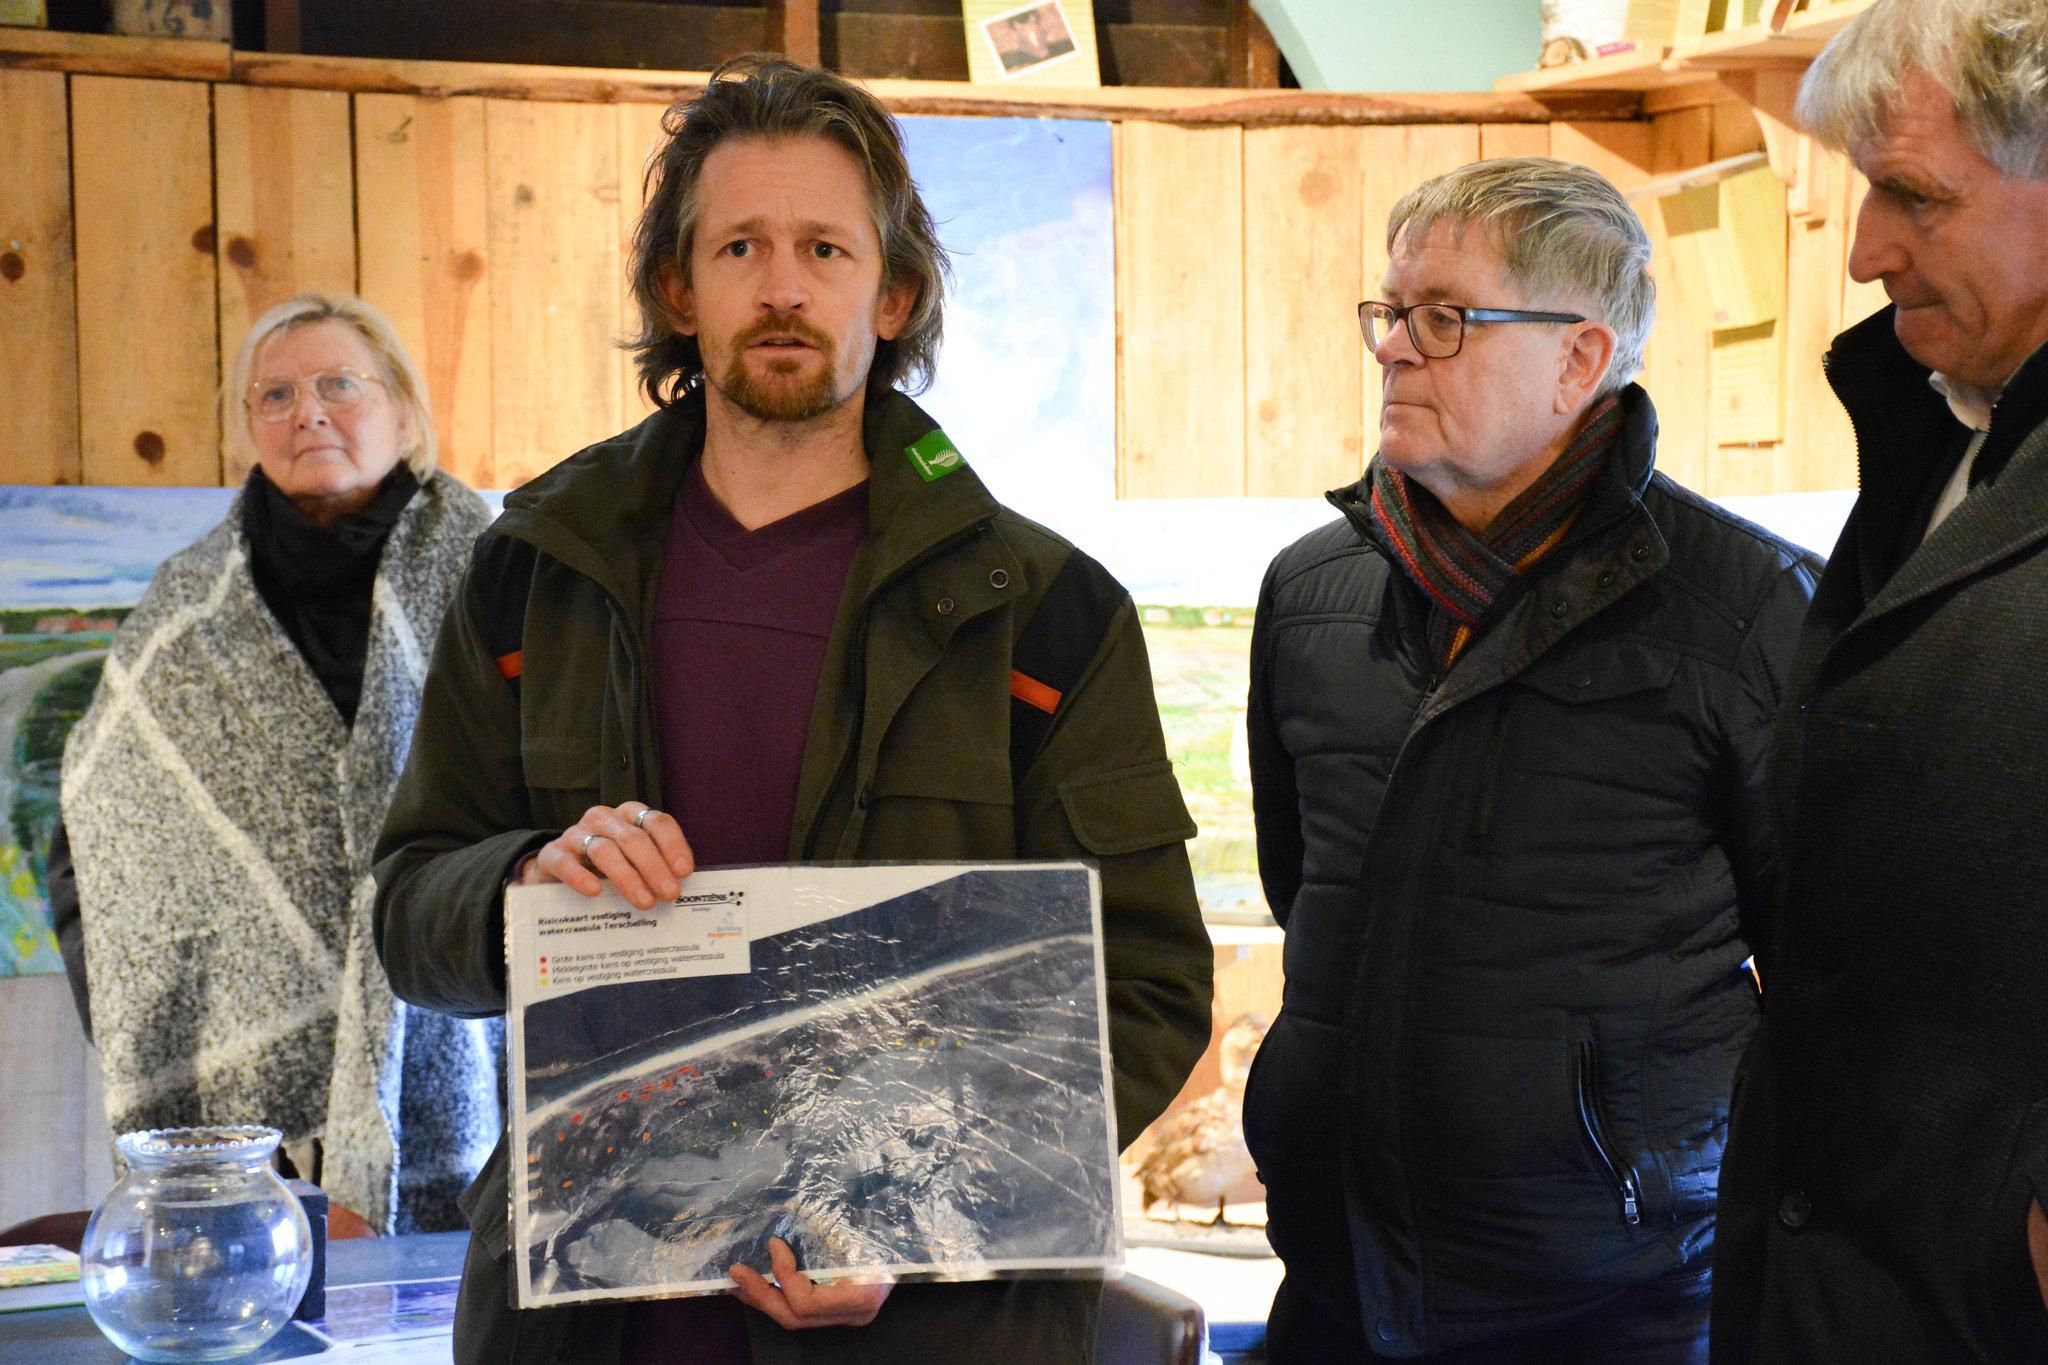 Werkbezoek Terschelling: Over verzilting van de polder en het bestreiden van watercrassula